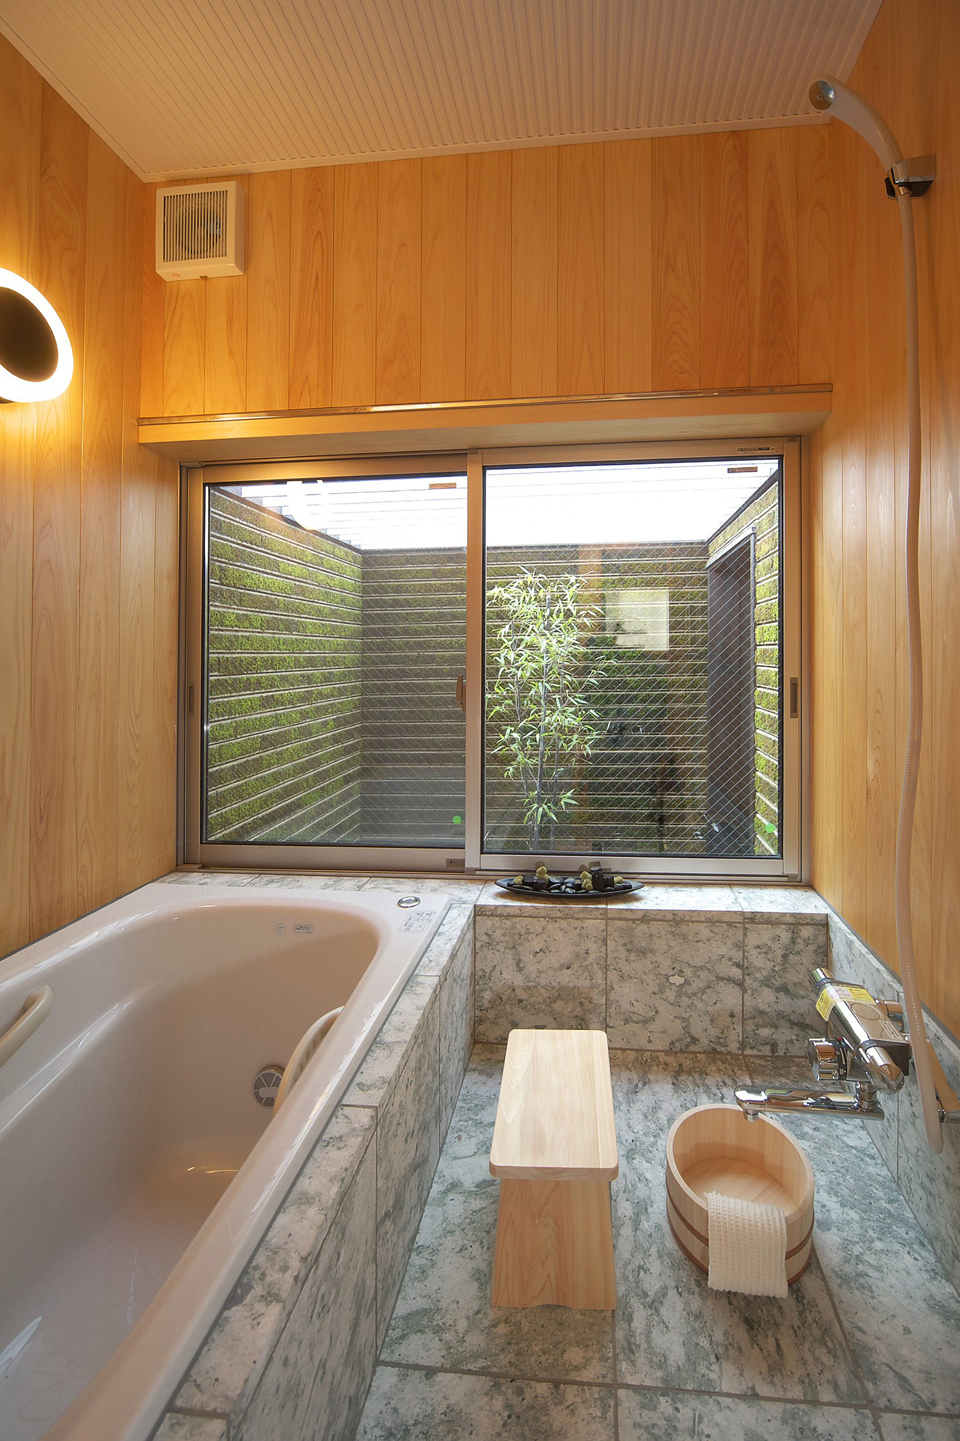 眺めがよく、木のぬくもりが感じられる箱庭付のお風呂